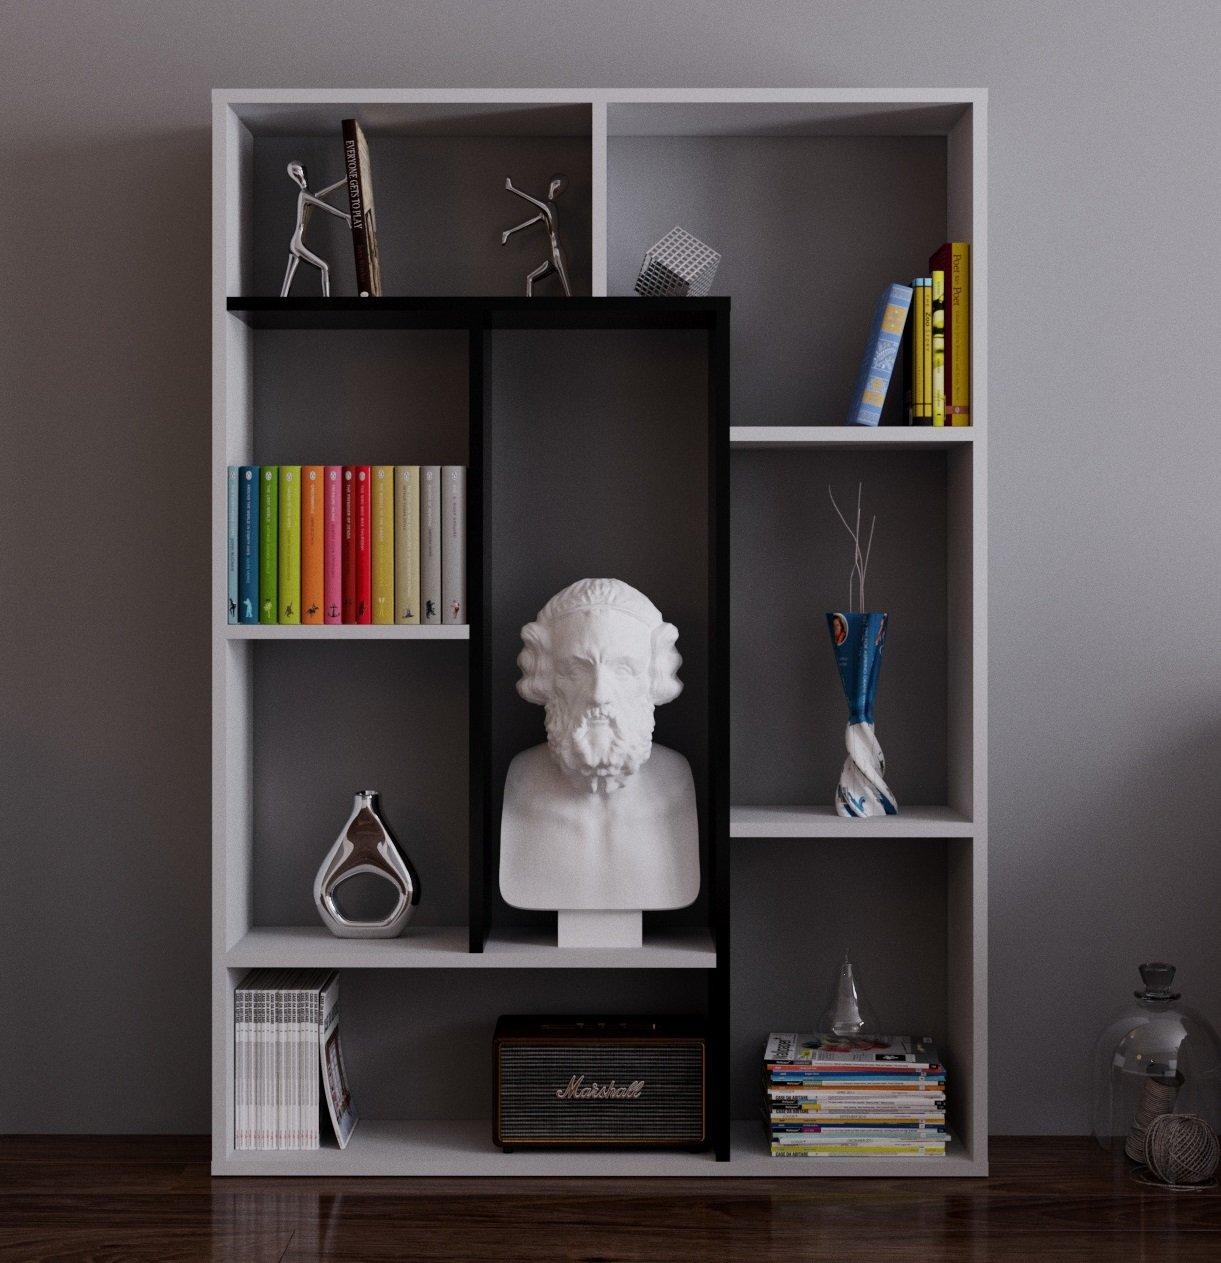 SPRING Bibliothèque - Étagère de Rangement - Étagère pour livres - Étagère pour bureau - salon par le design moderne (Blanc -